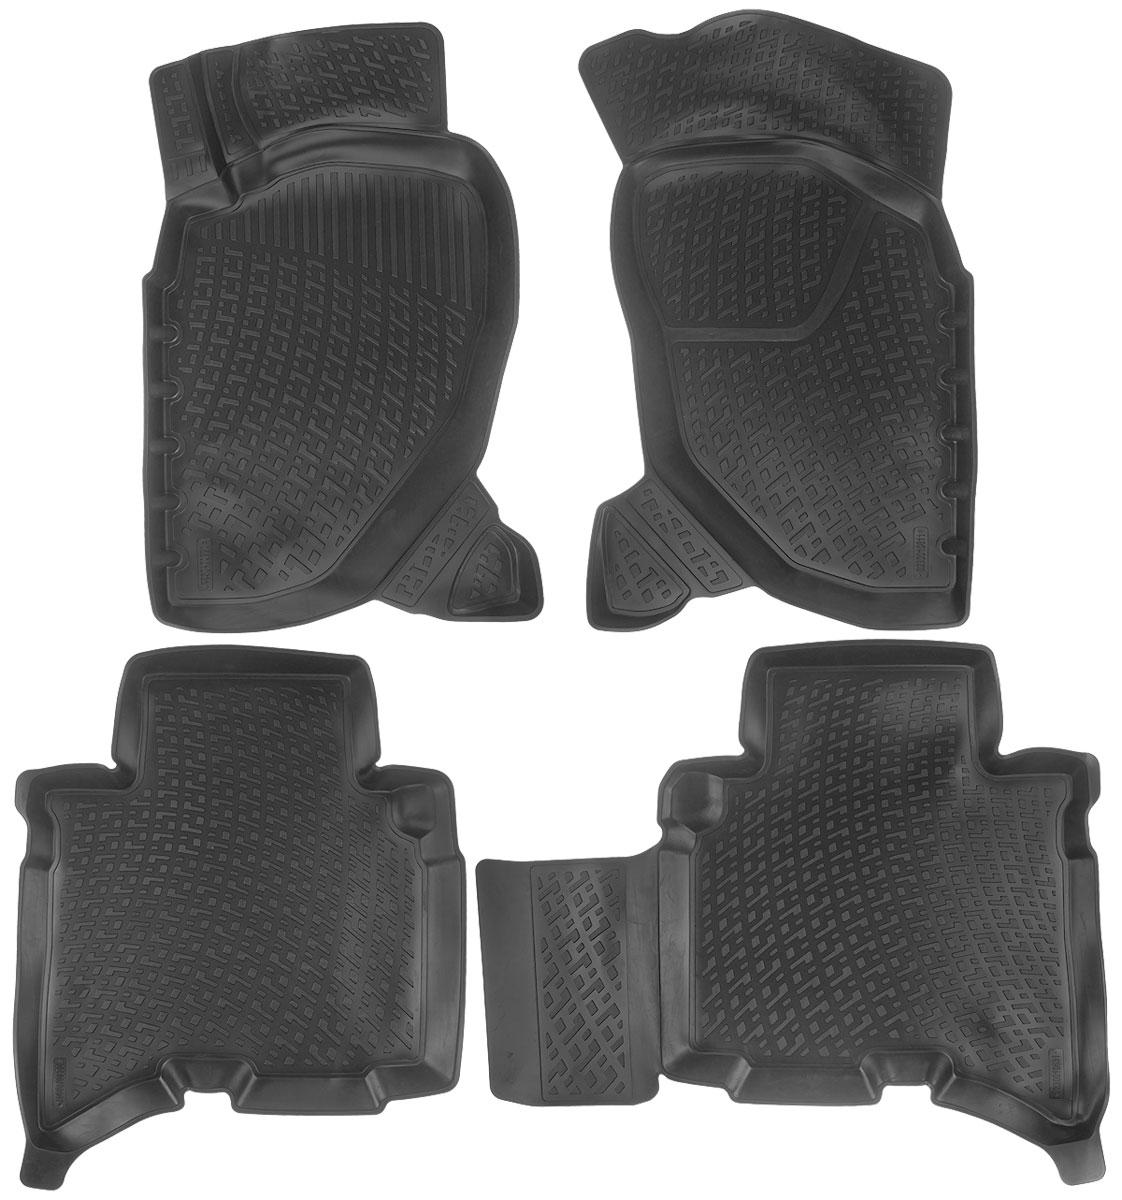 Набор автомобильных ковриков L.Locker Great Wall Hover H3/H5 2010, в салон, 4 шт0206130101Набор L.Locker Great Wall Hover H3/H5 2010, изготовленный из полиуретана, состоит из 4 антискользящих 3D ковриков, которые производятся индивидуально для каждой модели автомобиля. Изделие точно повторяет геометрию пола автомобиля, имеет высокий борт, обладает повышенной износоустойчивостью, лишено резкого запаха и сохраняет свои потребительские свойства в широком диапазоне температур от -50°С до +50°С.Комплектация: 4 шт.Размер ковриков: 80 см х 50 см; 84 см х 62 см; 73 см х 60 см; 80 см х 52 см.